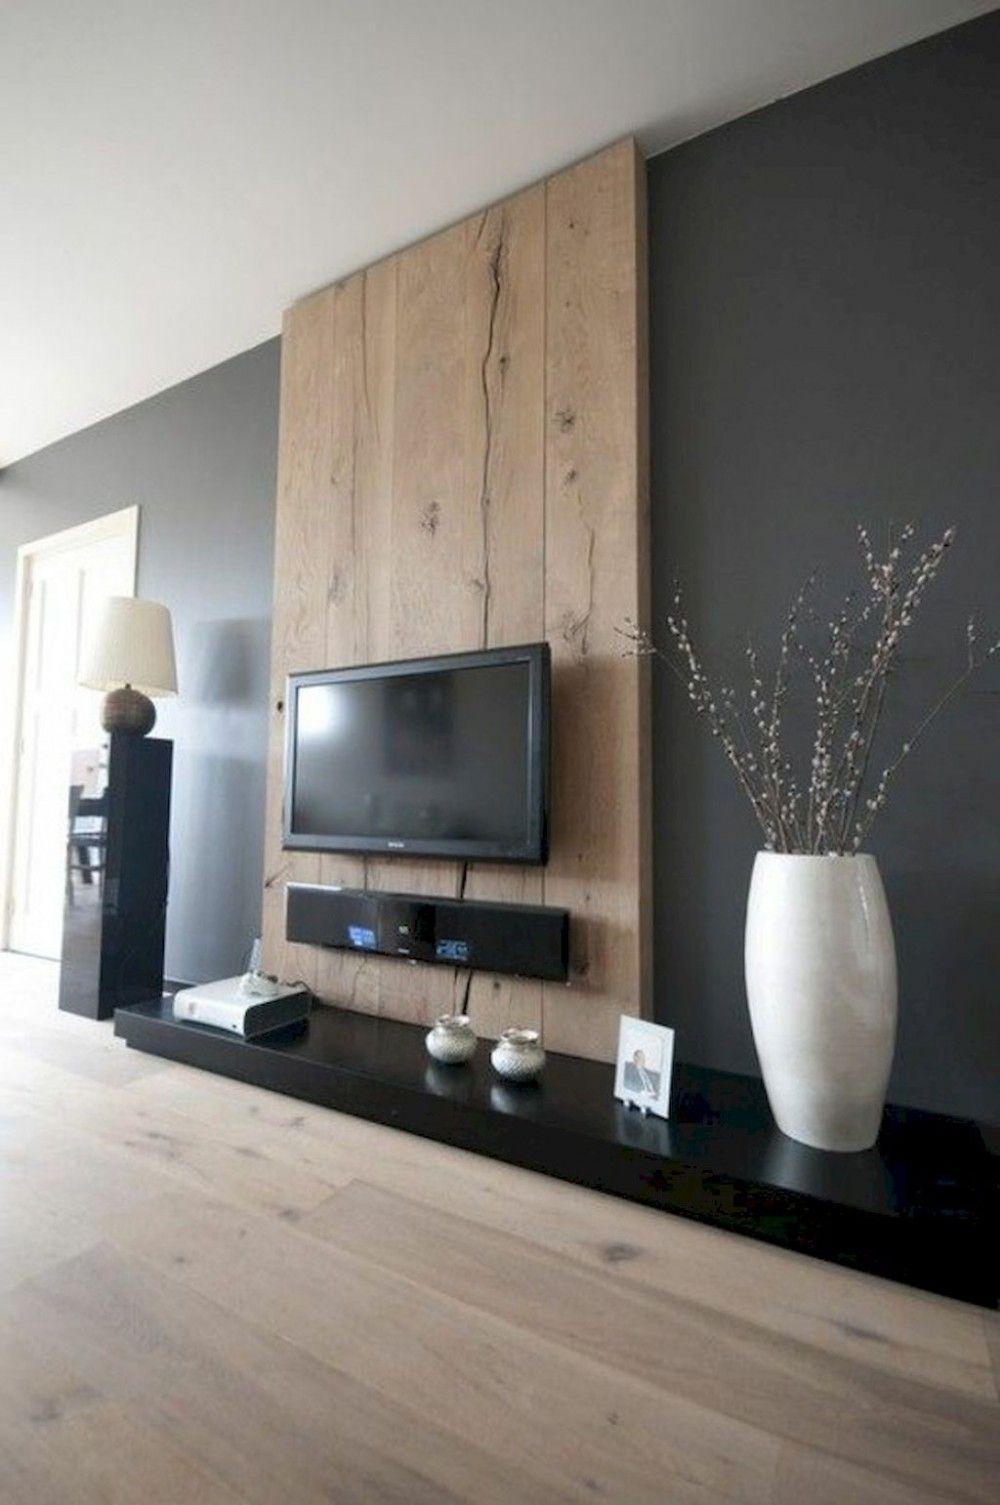 60 Tv Wand Wohnzimmer Ideen Dekor Auf Ein Budget Minimalist Living Room Living Room Tv Wall Minimalist Living Room Design